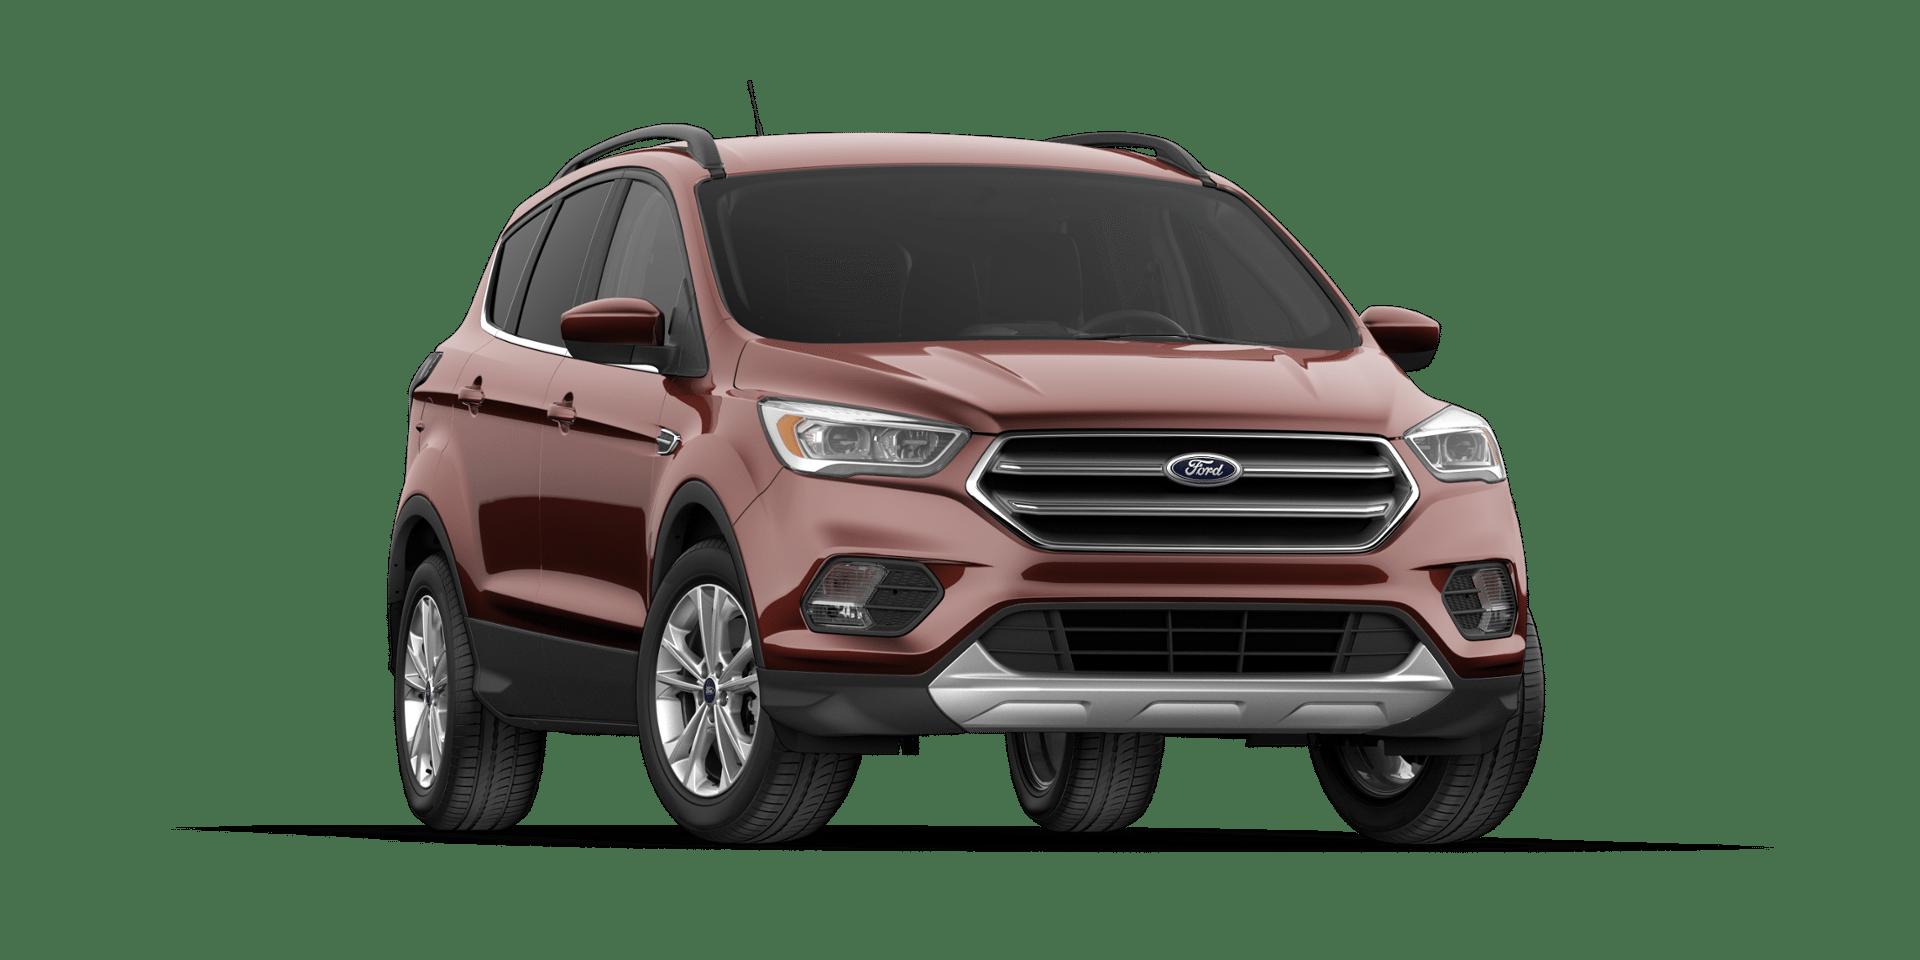 2018 Ford Escape Colors >> Cinnamon Glaze 2018 Ford Escape O Kovatch Ford